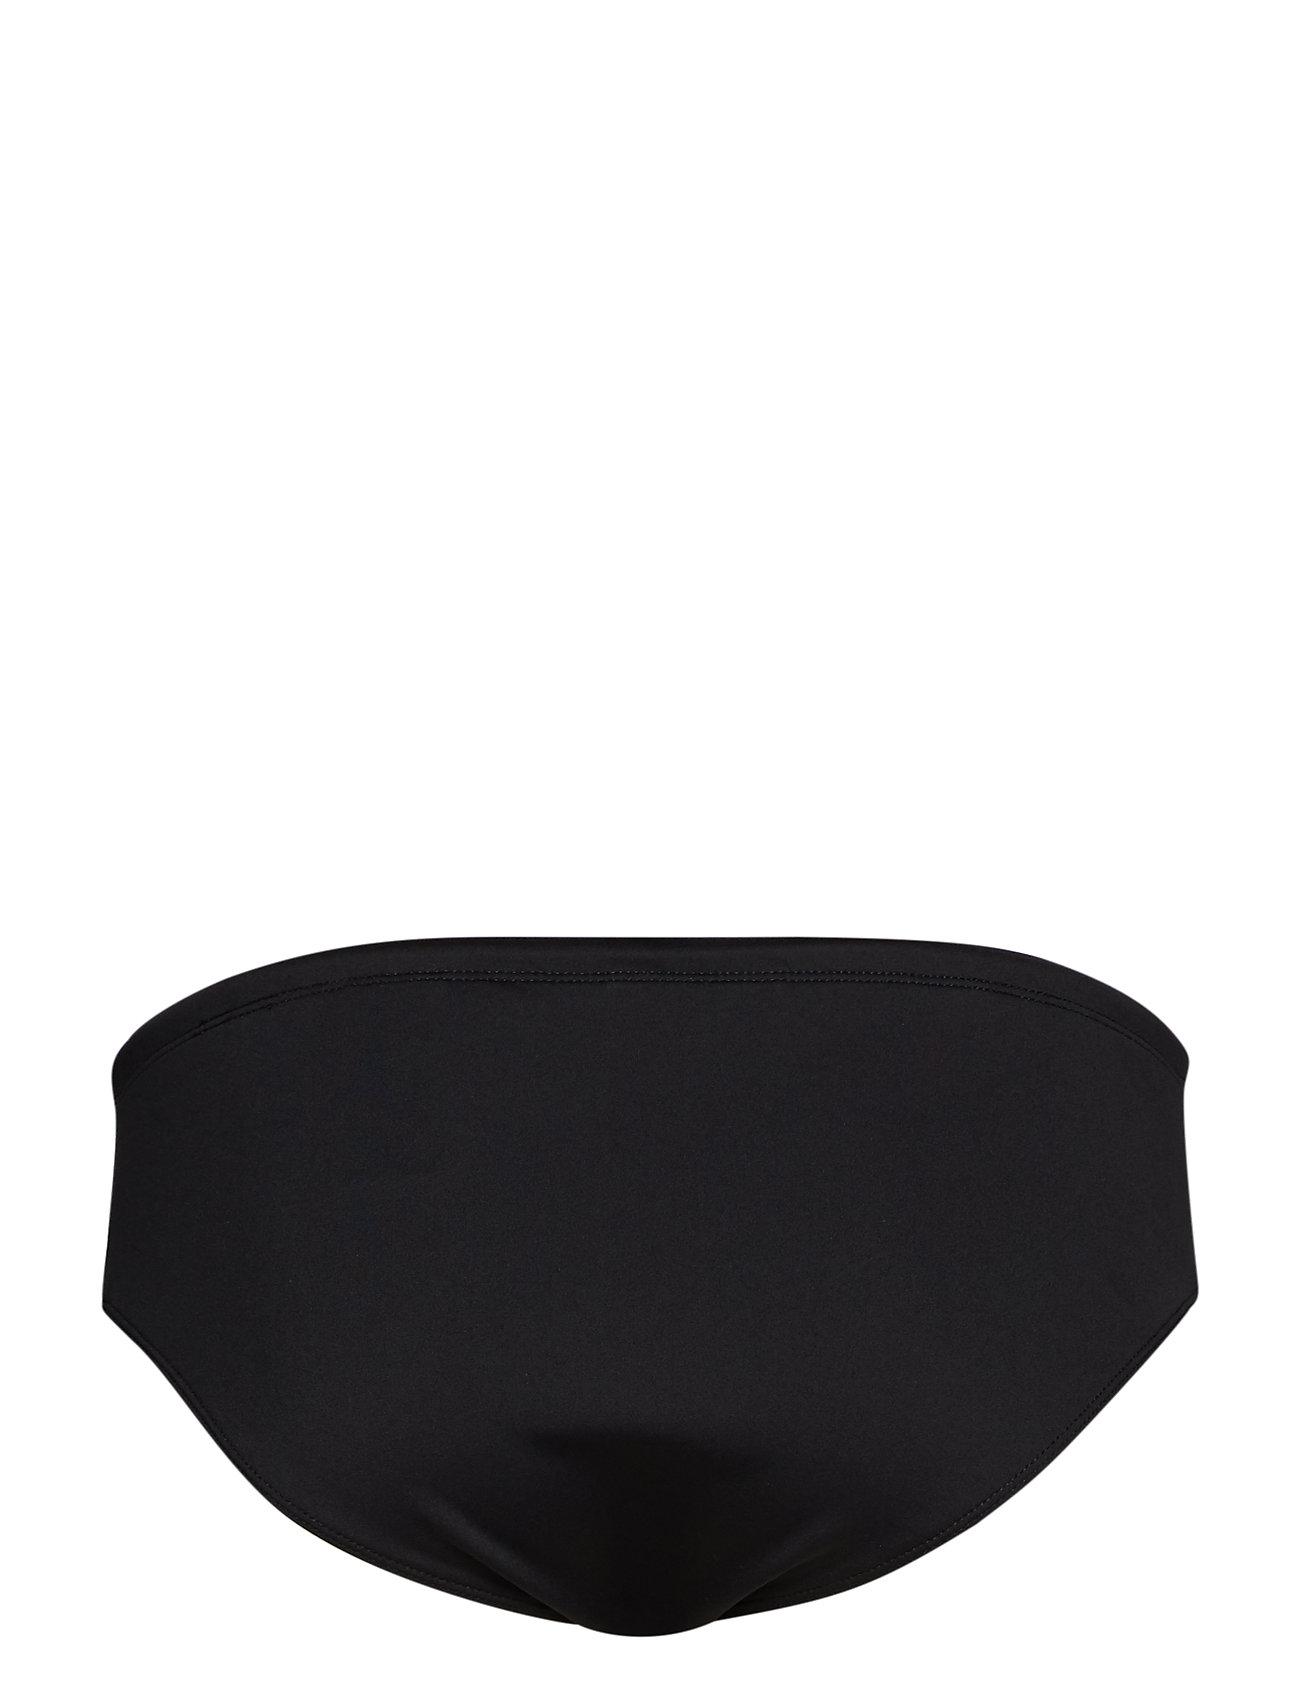 Euro Brief swimpolo BlackPolo Ralph Lauren 54RAjL3